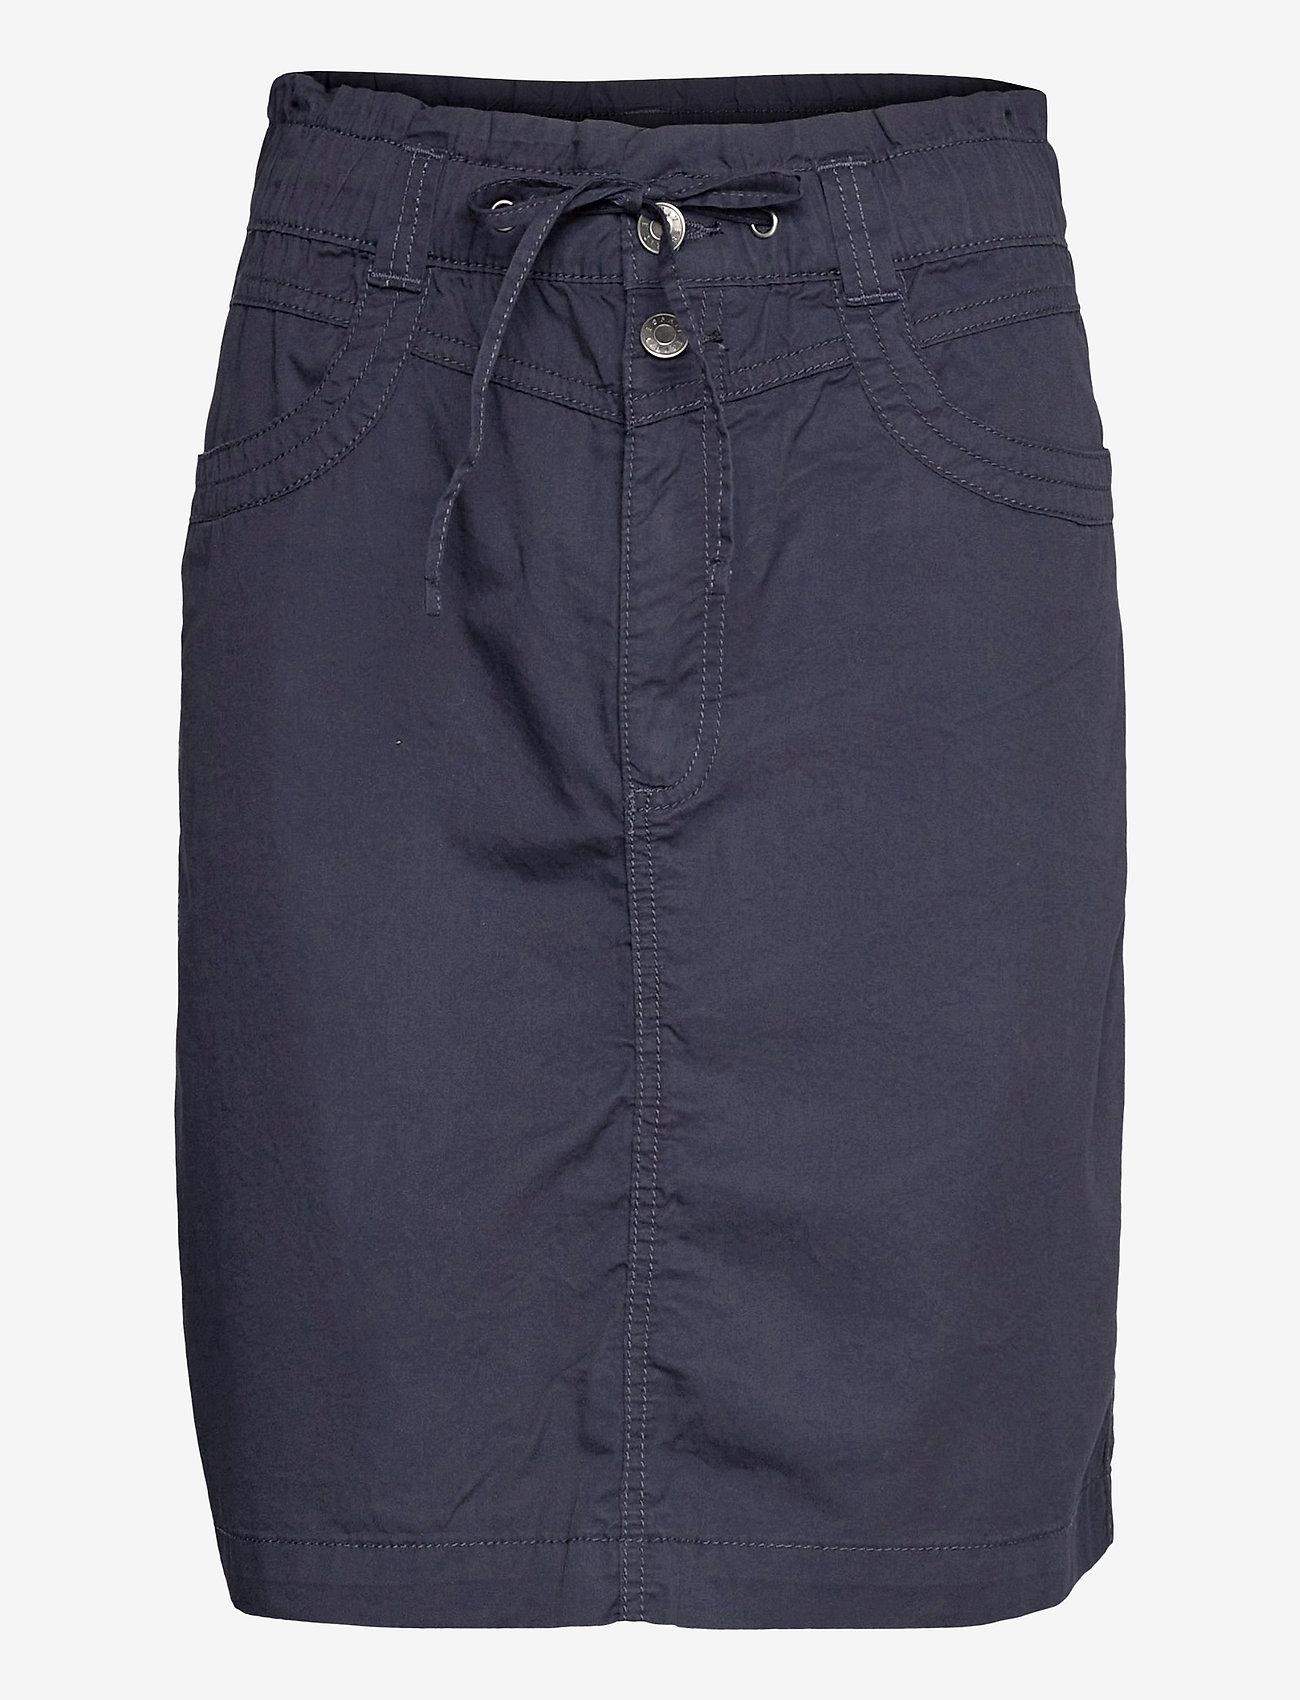 Esprit Casual - Skirts woven - korta kjolar - navy - 0